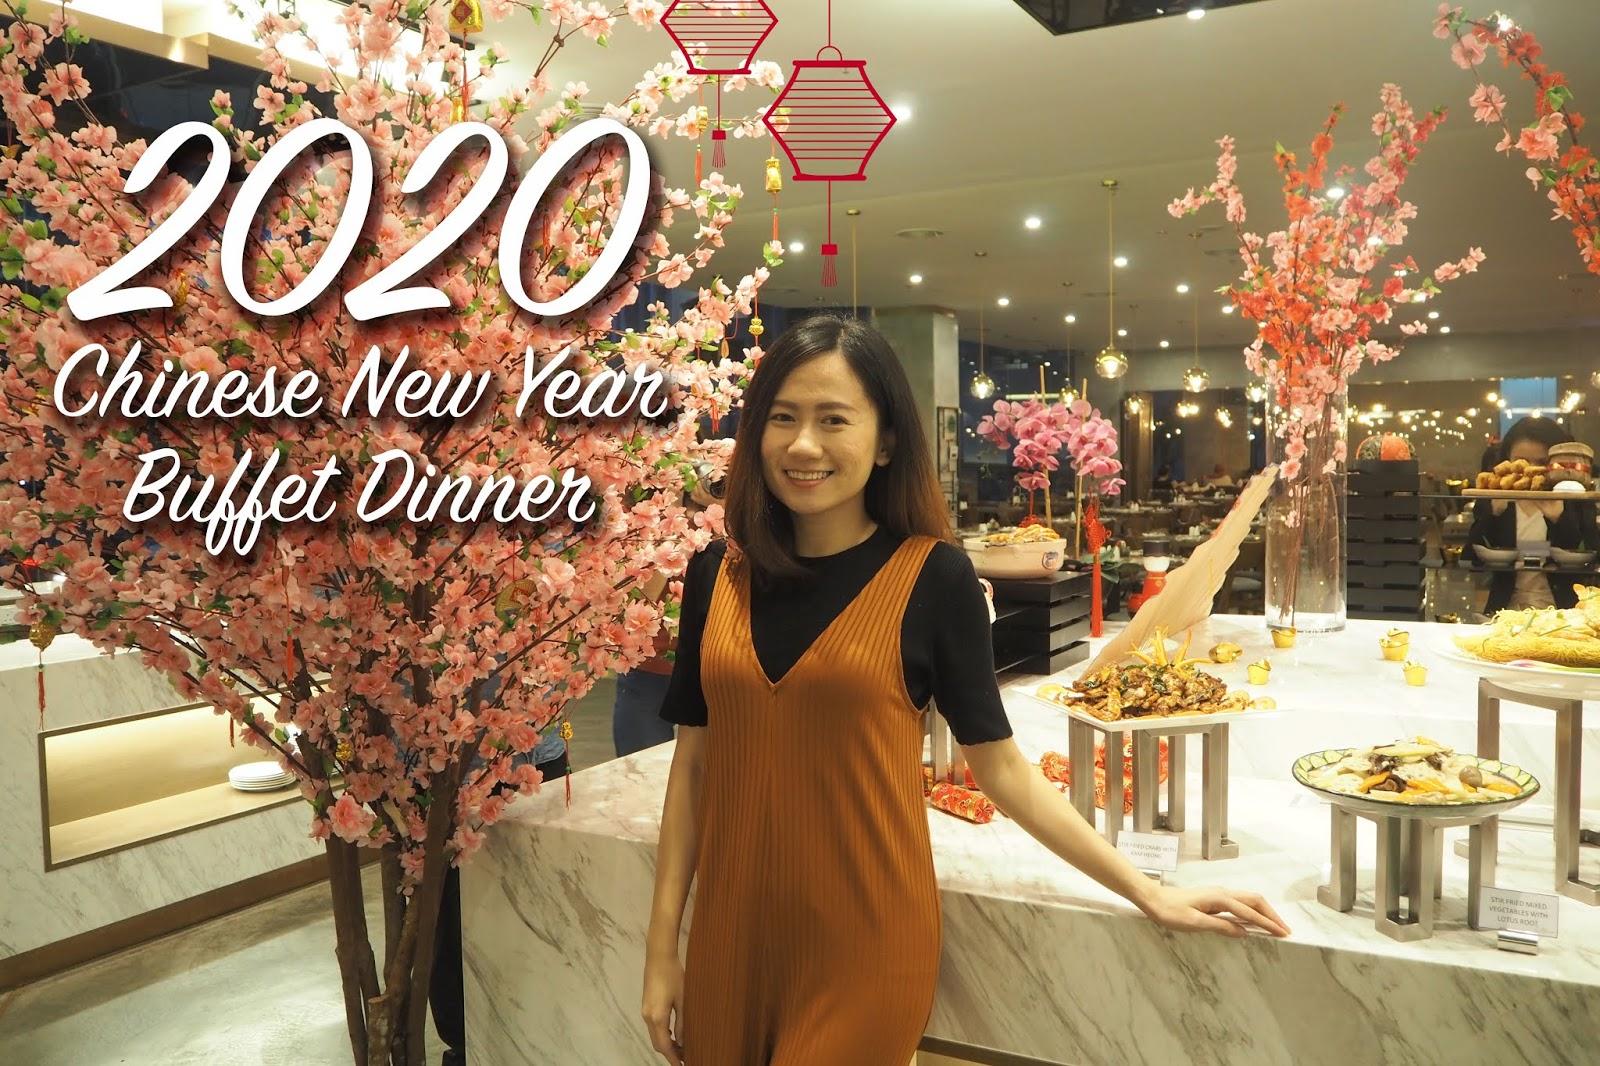 [CNY REVIEW] A GOLDEN REUNION AWAITS @ UTARA CAFE, ARMADA HOTEL PETALING JAYA